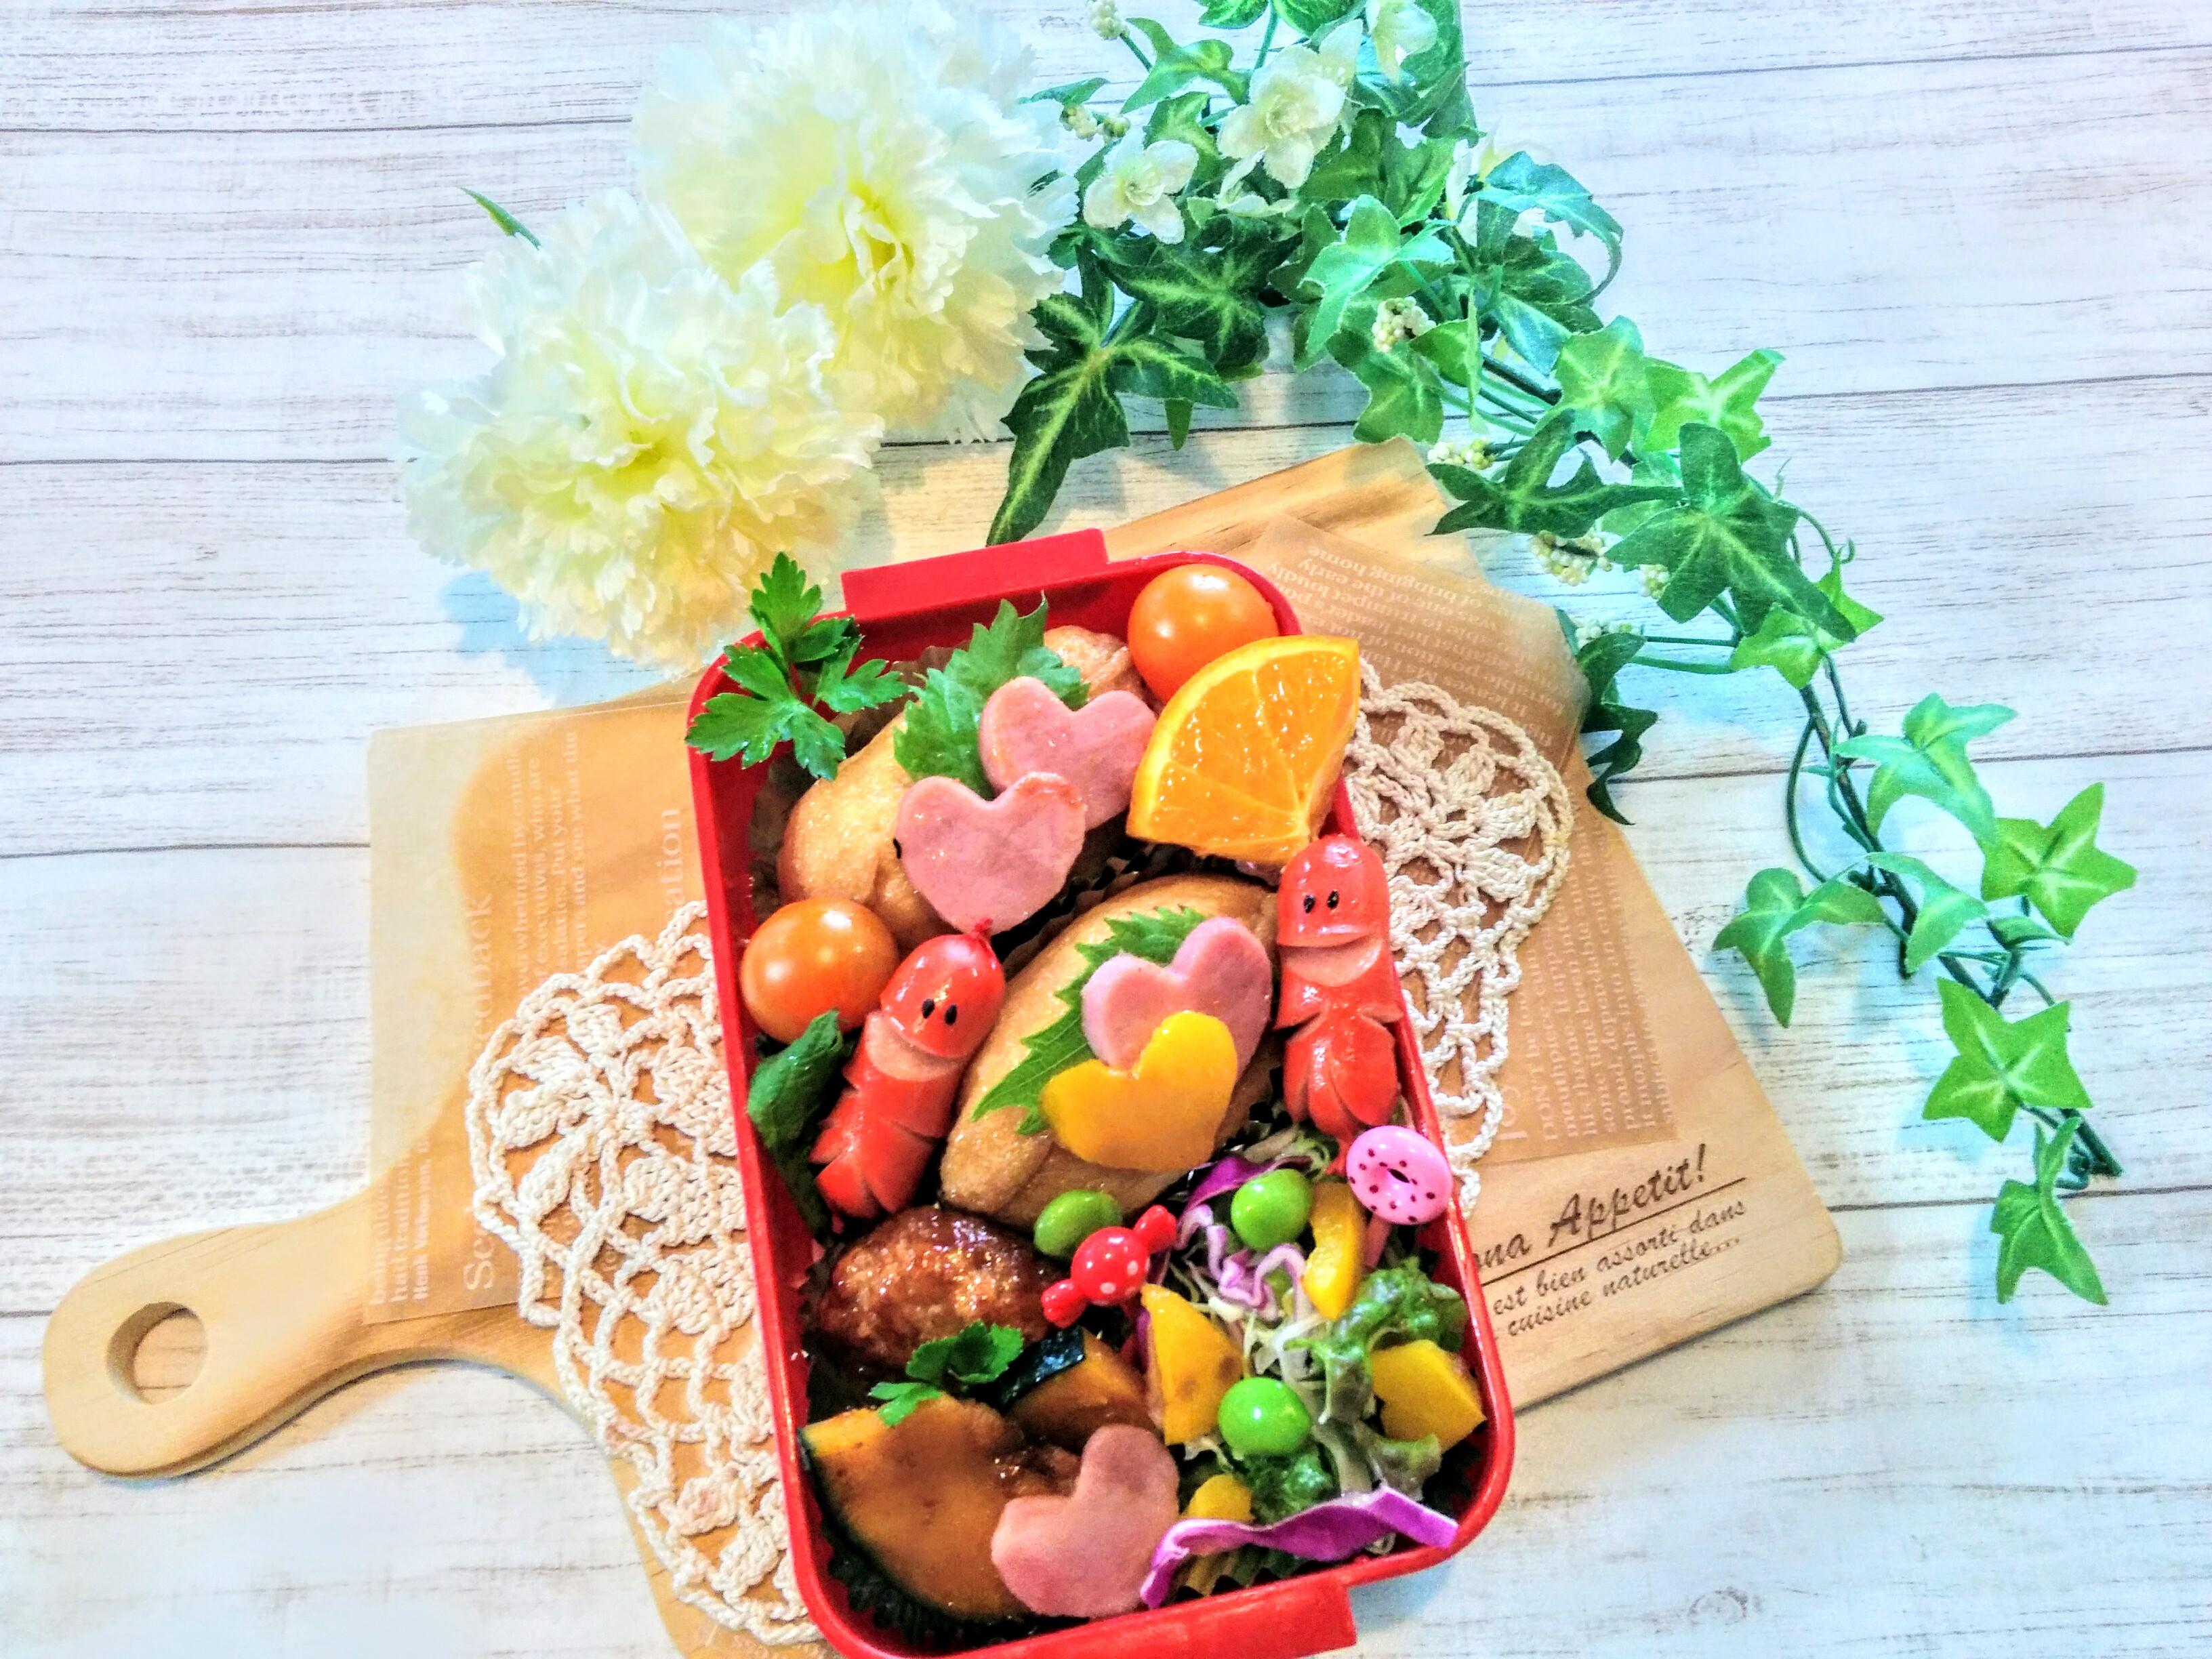 【小樽】娘の今日のお弁当・第二弾稲荷寿司弁当グルメ案内です。